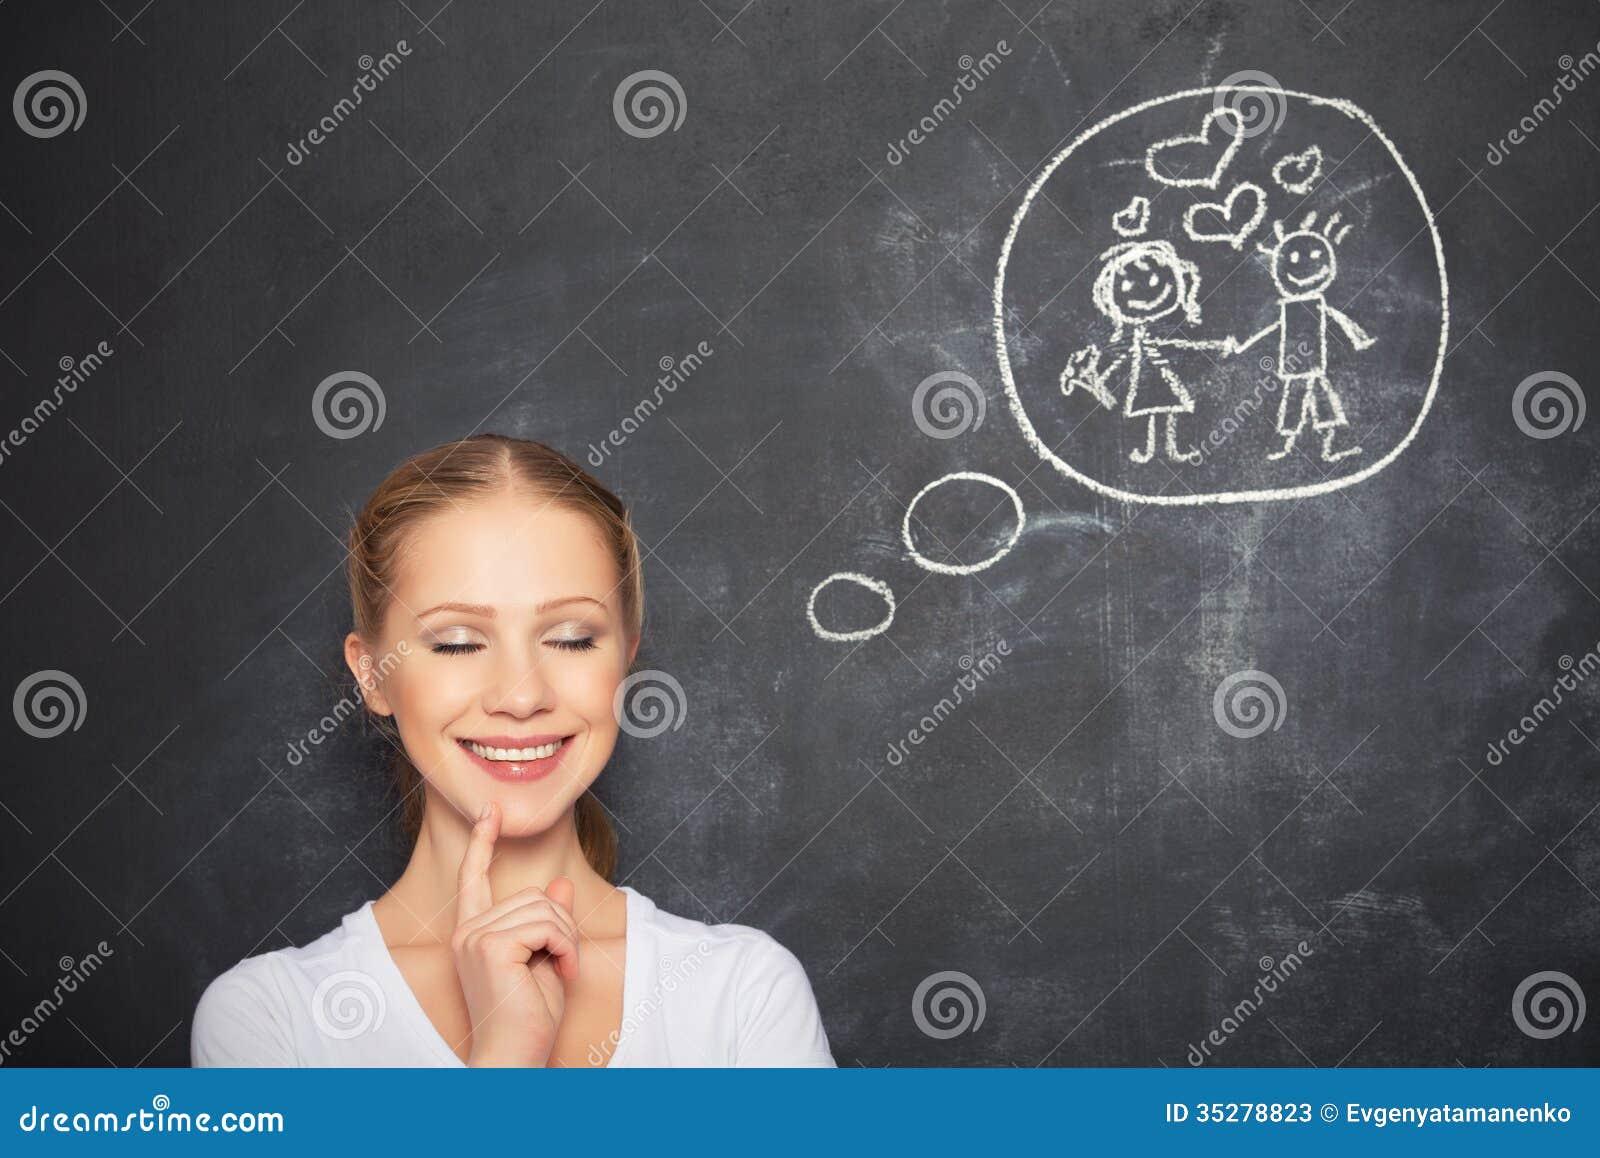 Begrepp. kvinnan drömmer om förälskelse- och förbindelseteckning på en krita